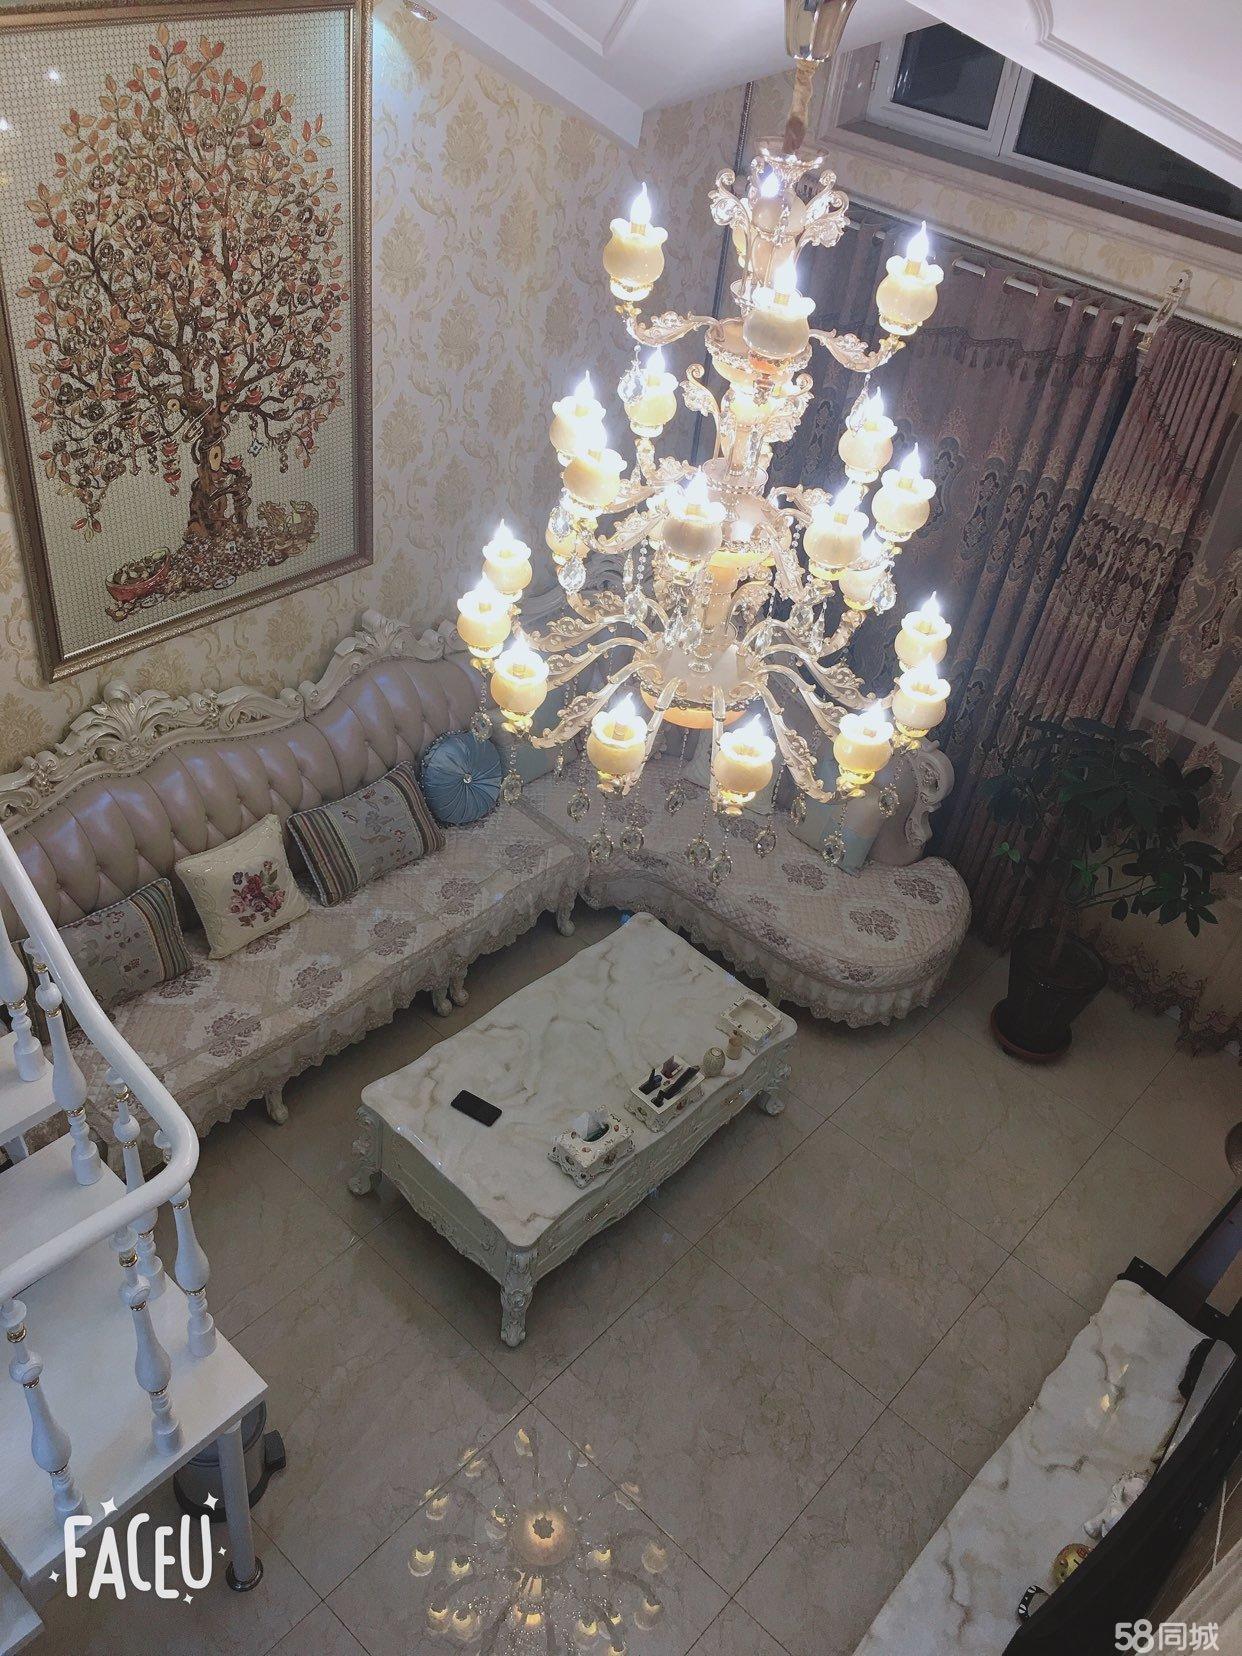 芭東一琪別墅區院里 頂樓帶閣樓 超豪華的裝修風格